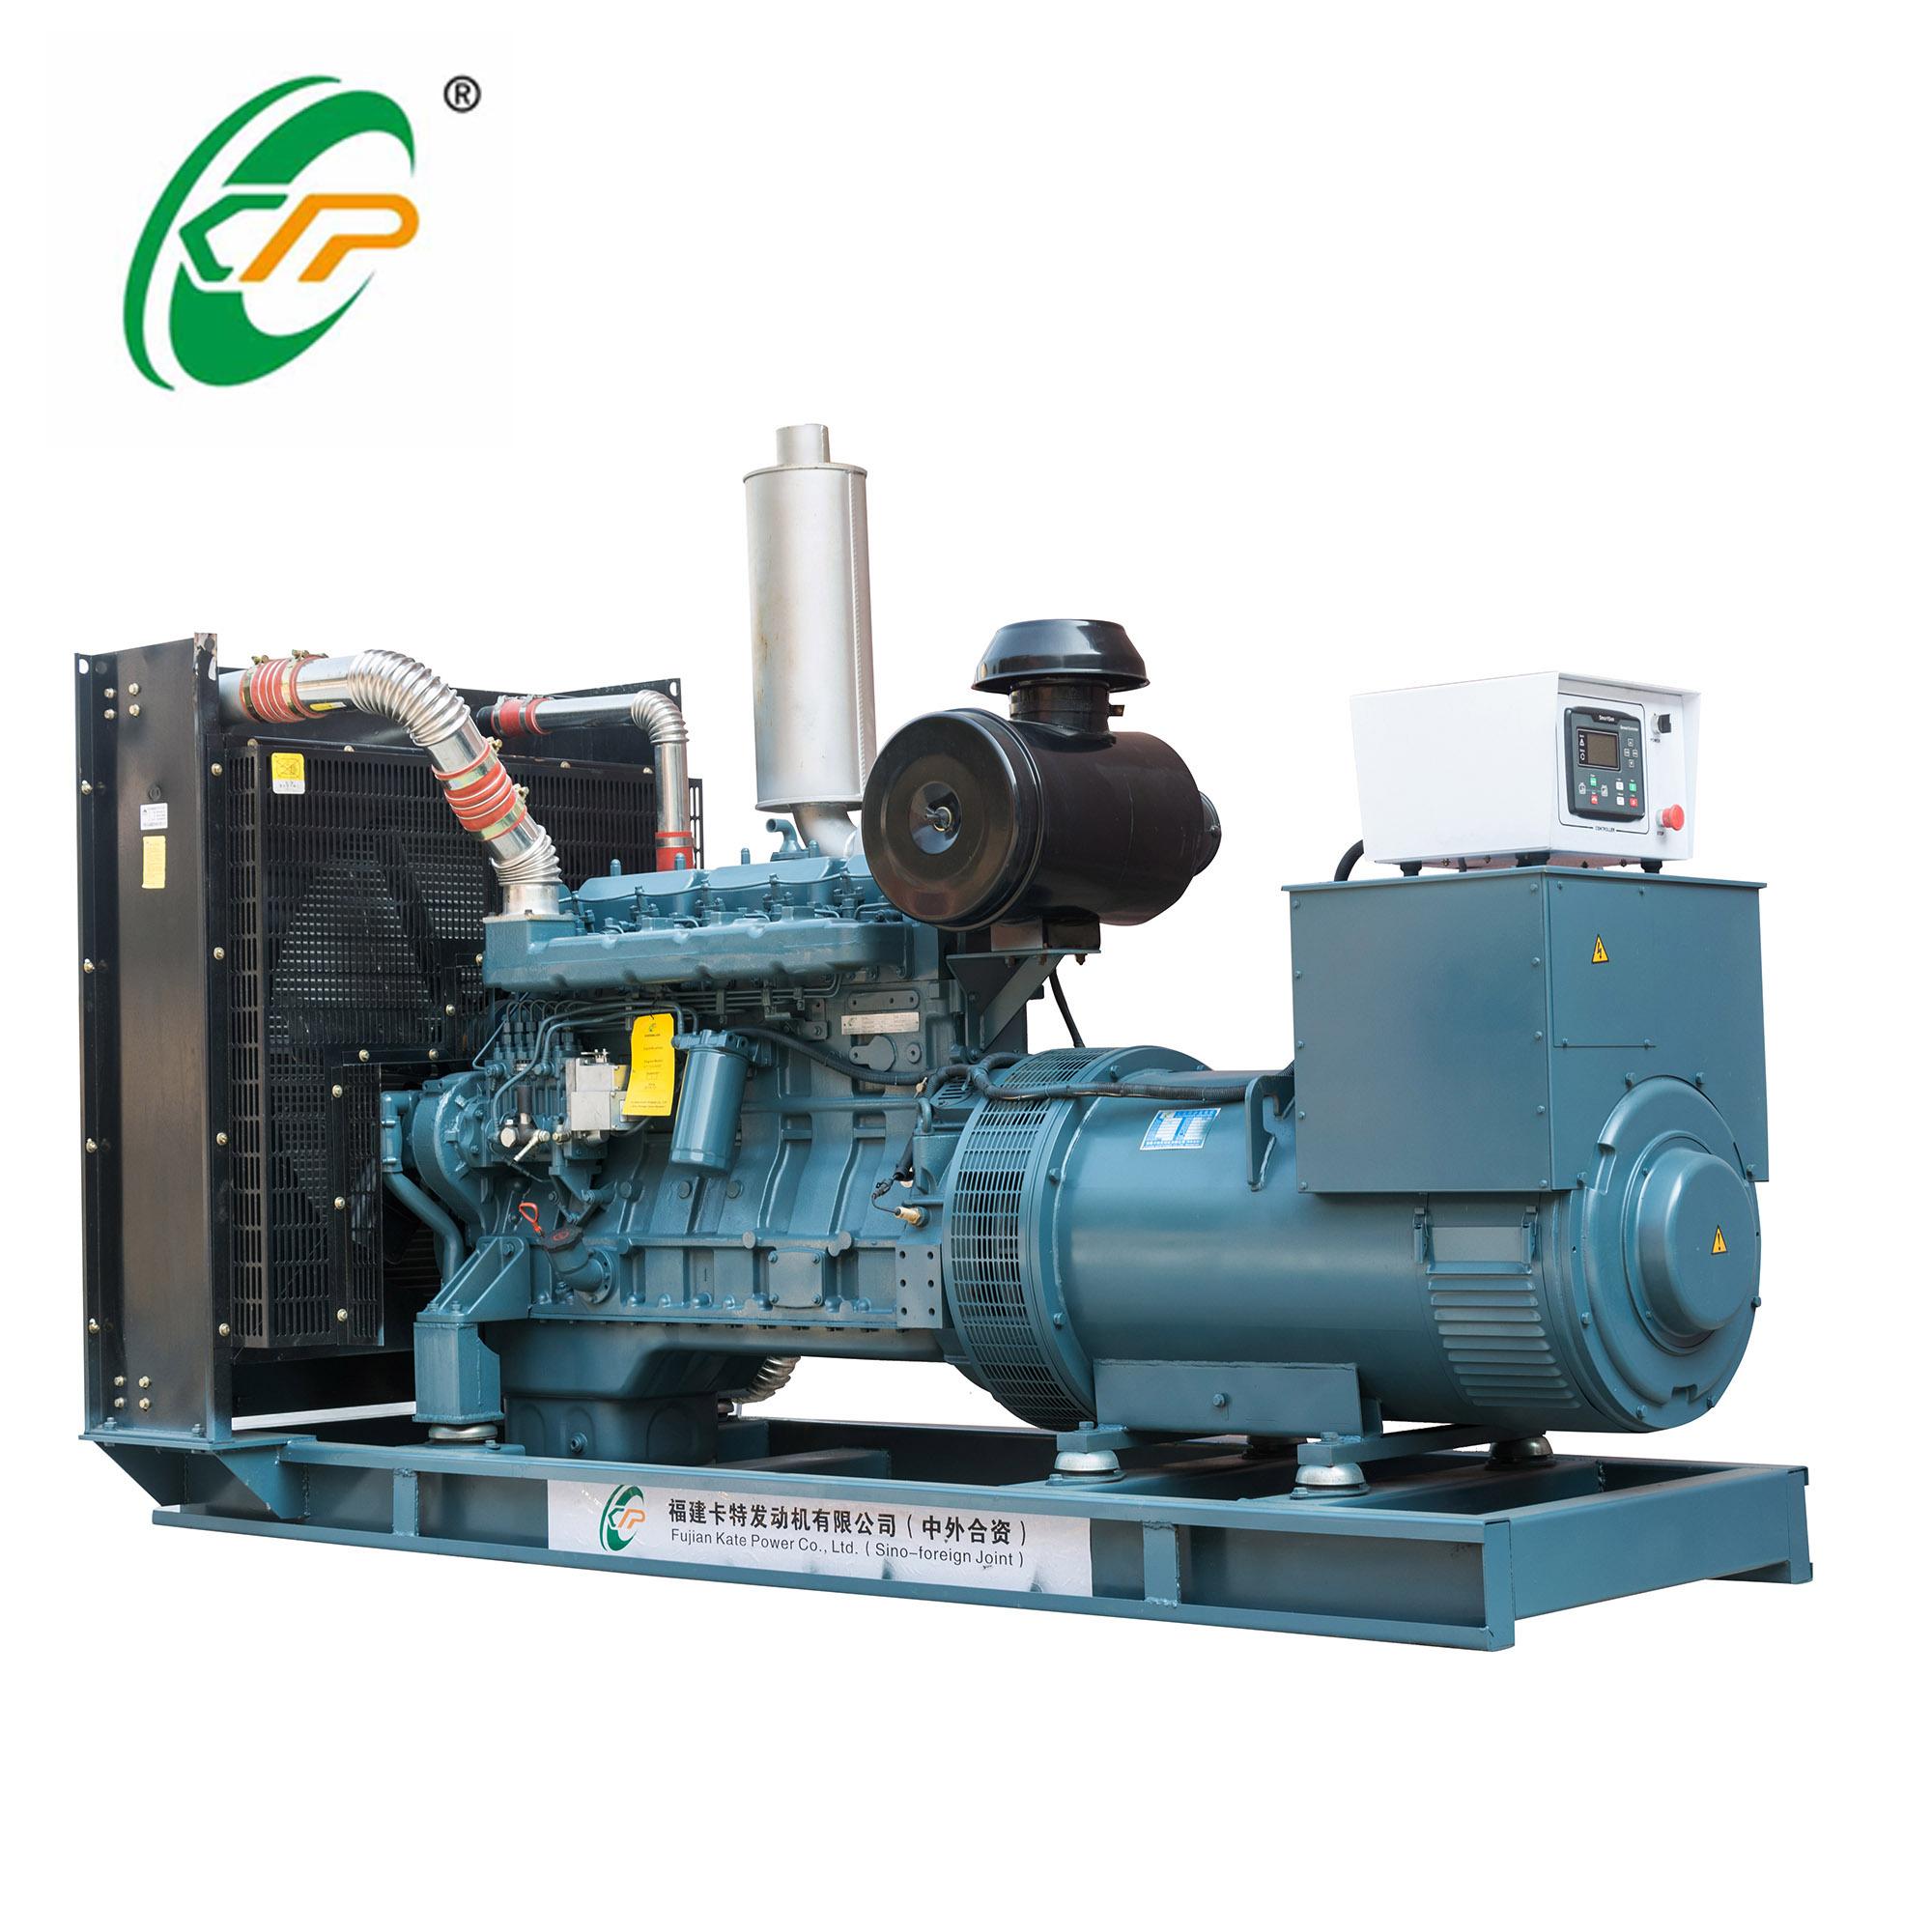 福建卡特开架式柴油发电机组